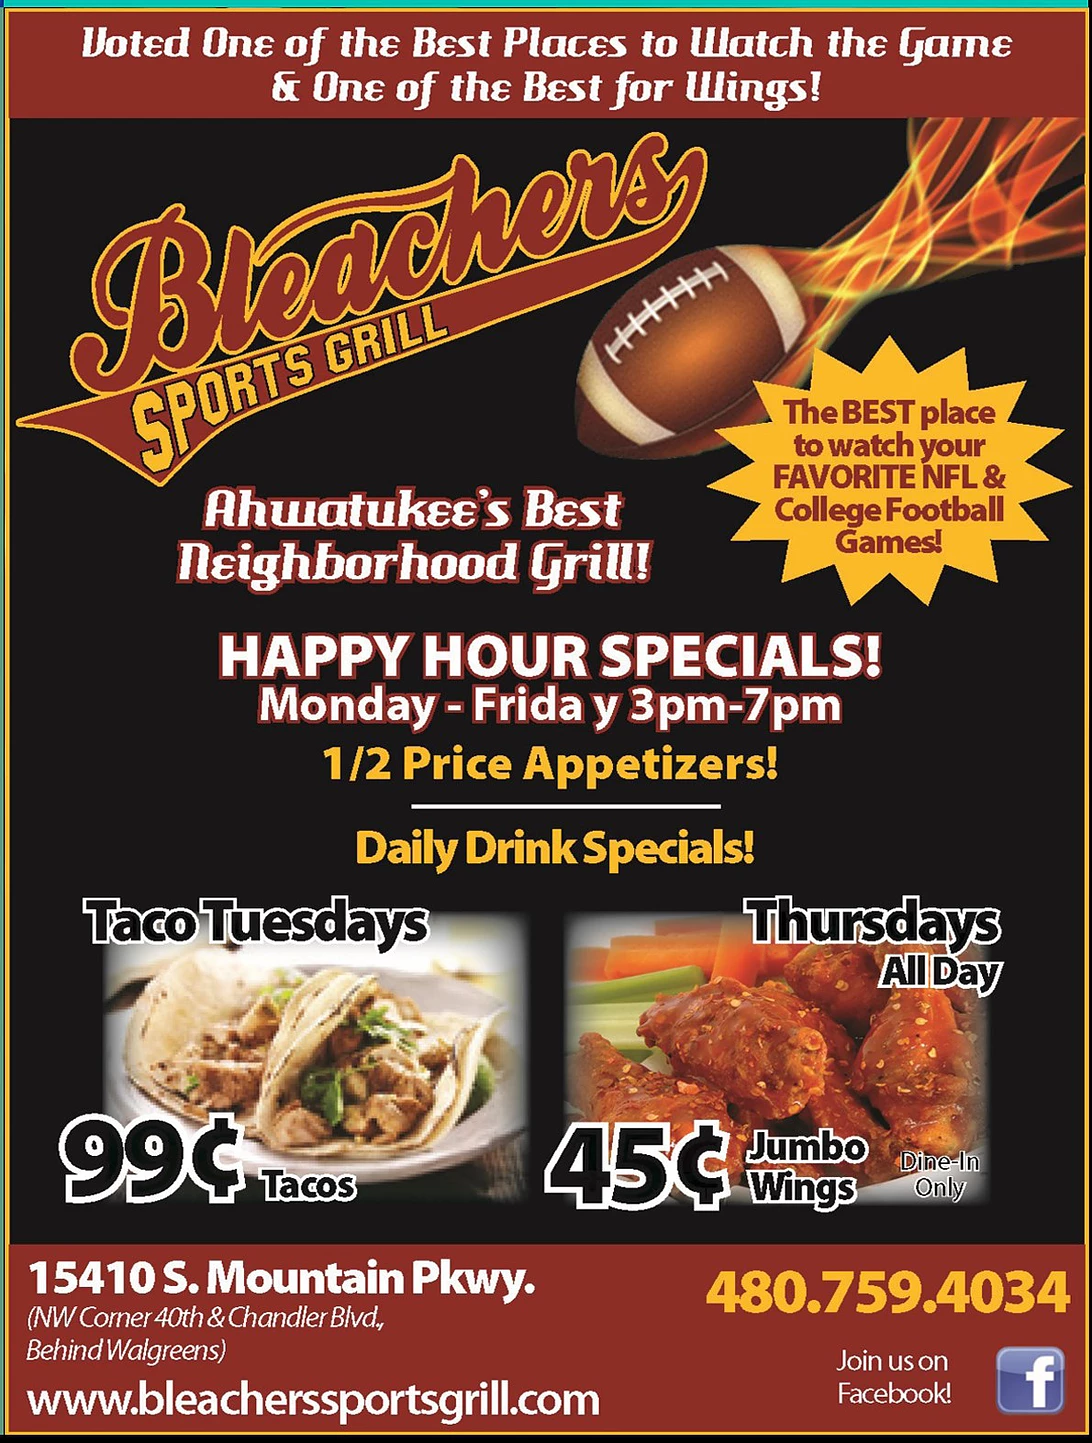 Bleachers Sports Grill